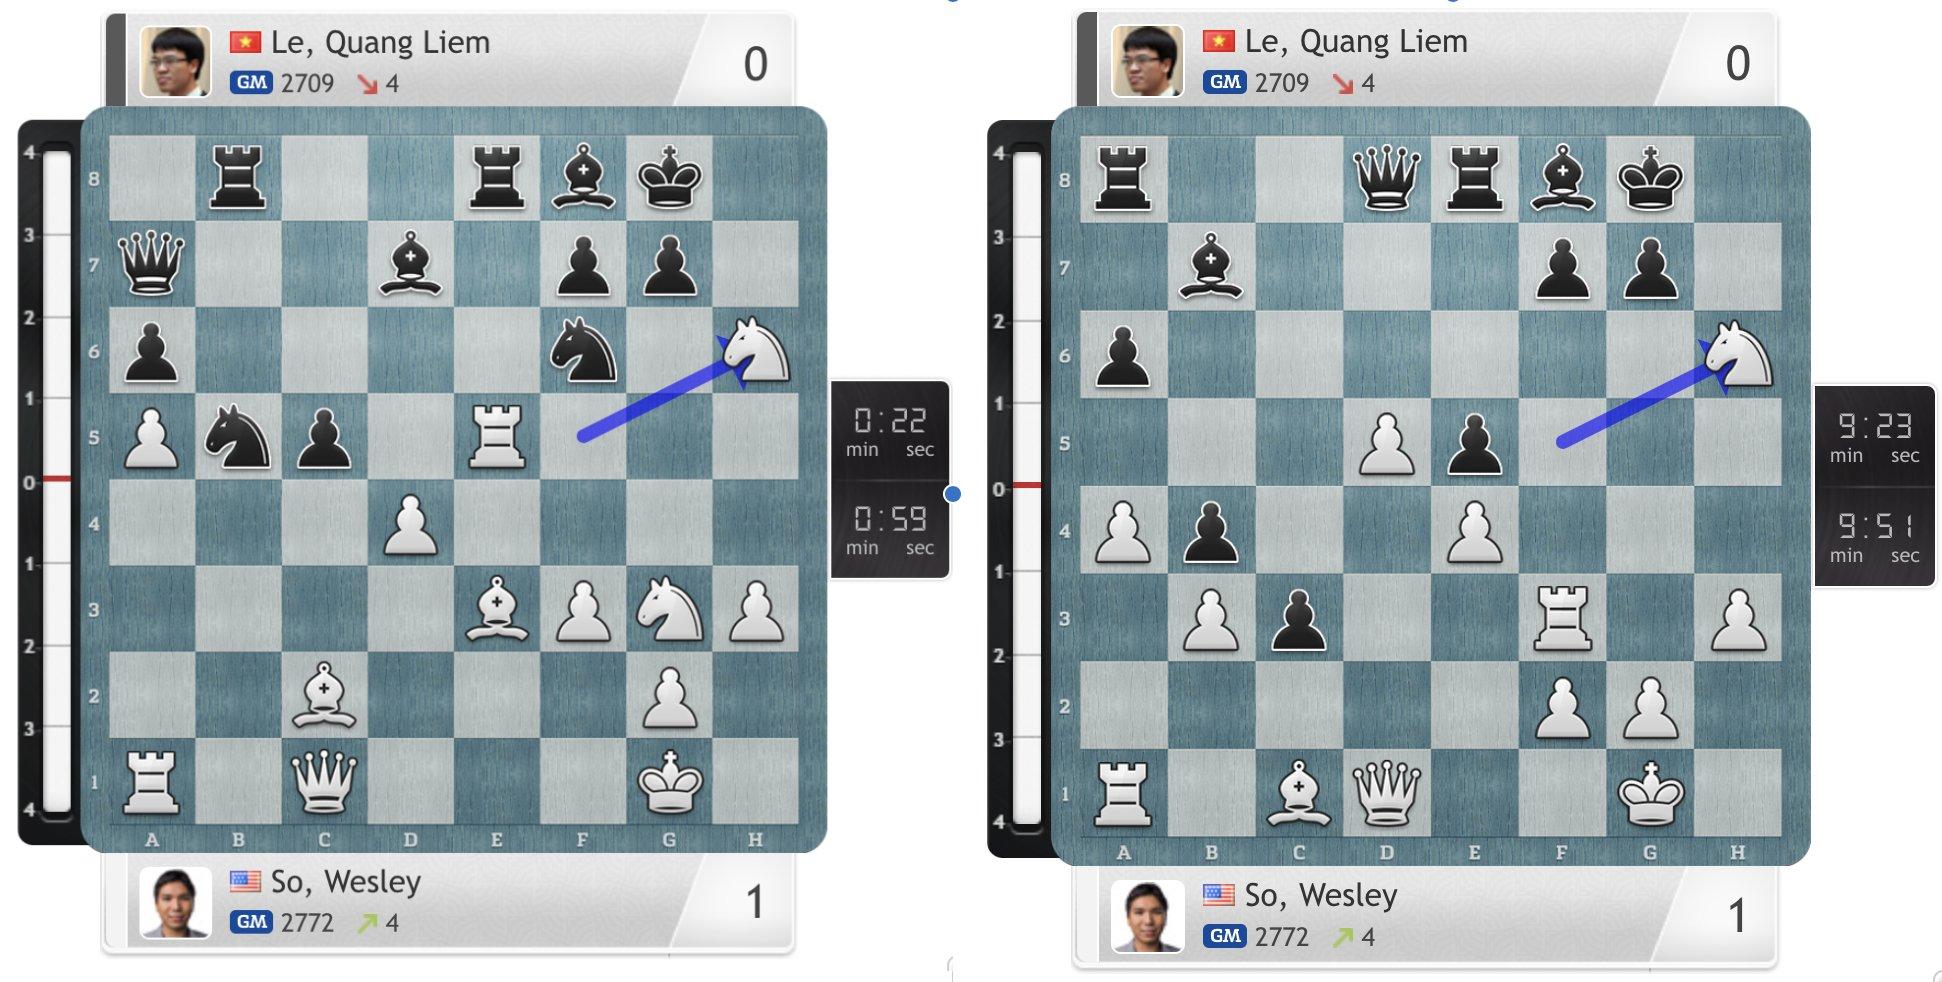 Mấu chốt khiến Quang Liêm thua ở cả hai ván cầm quân đen tại ngày chung kết đầu tiên. Ảnh: Chess24